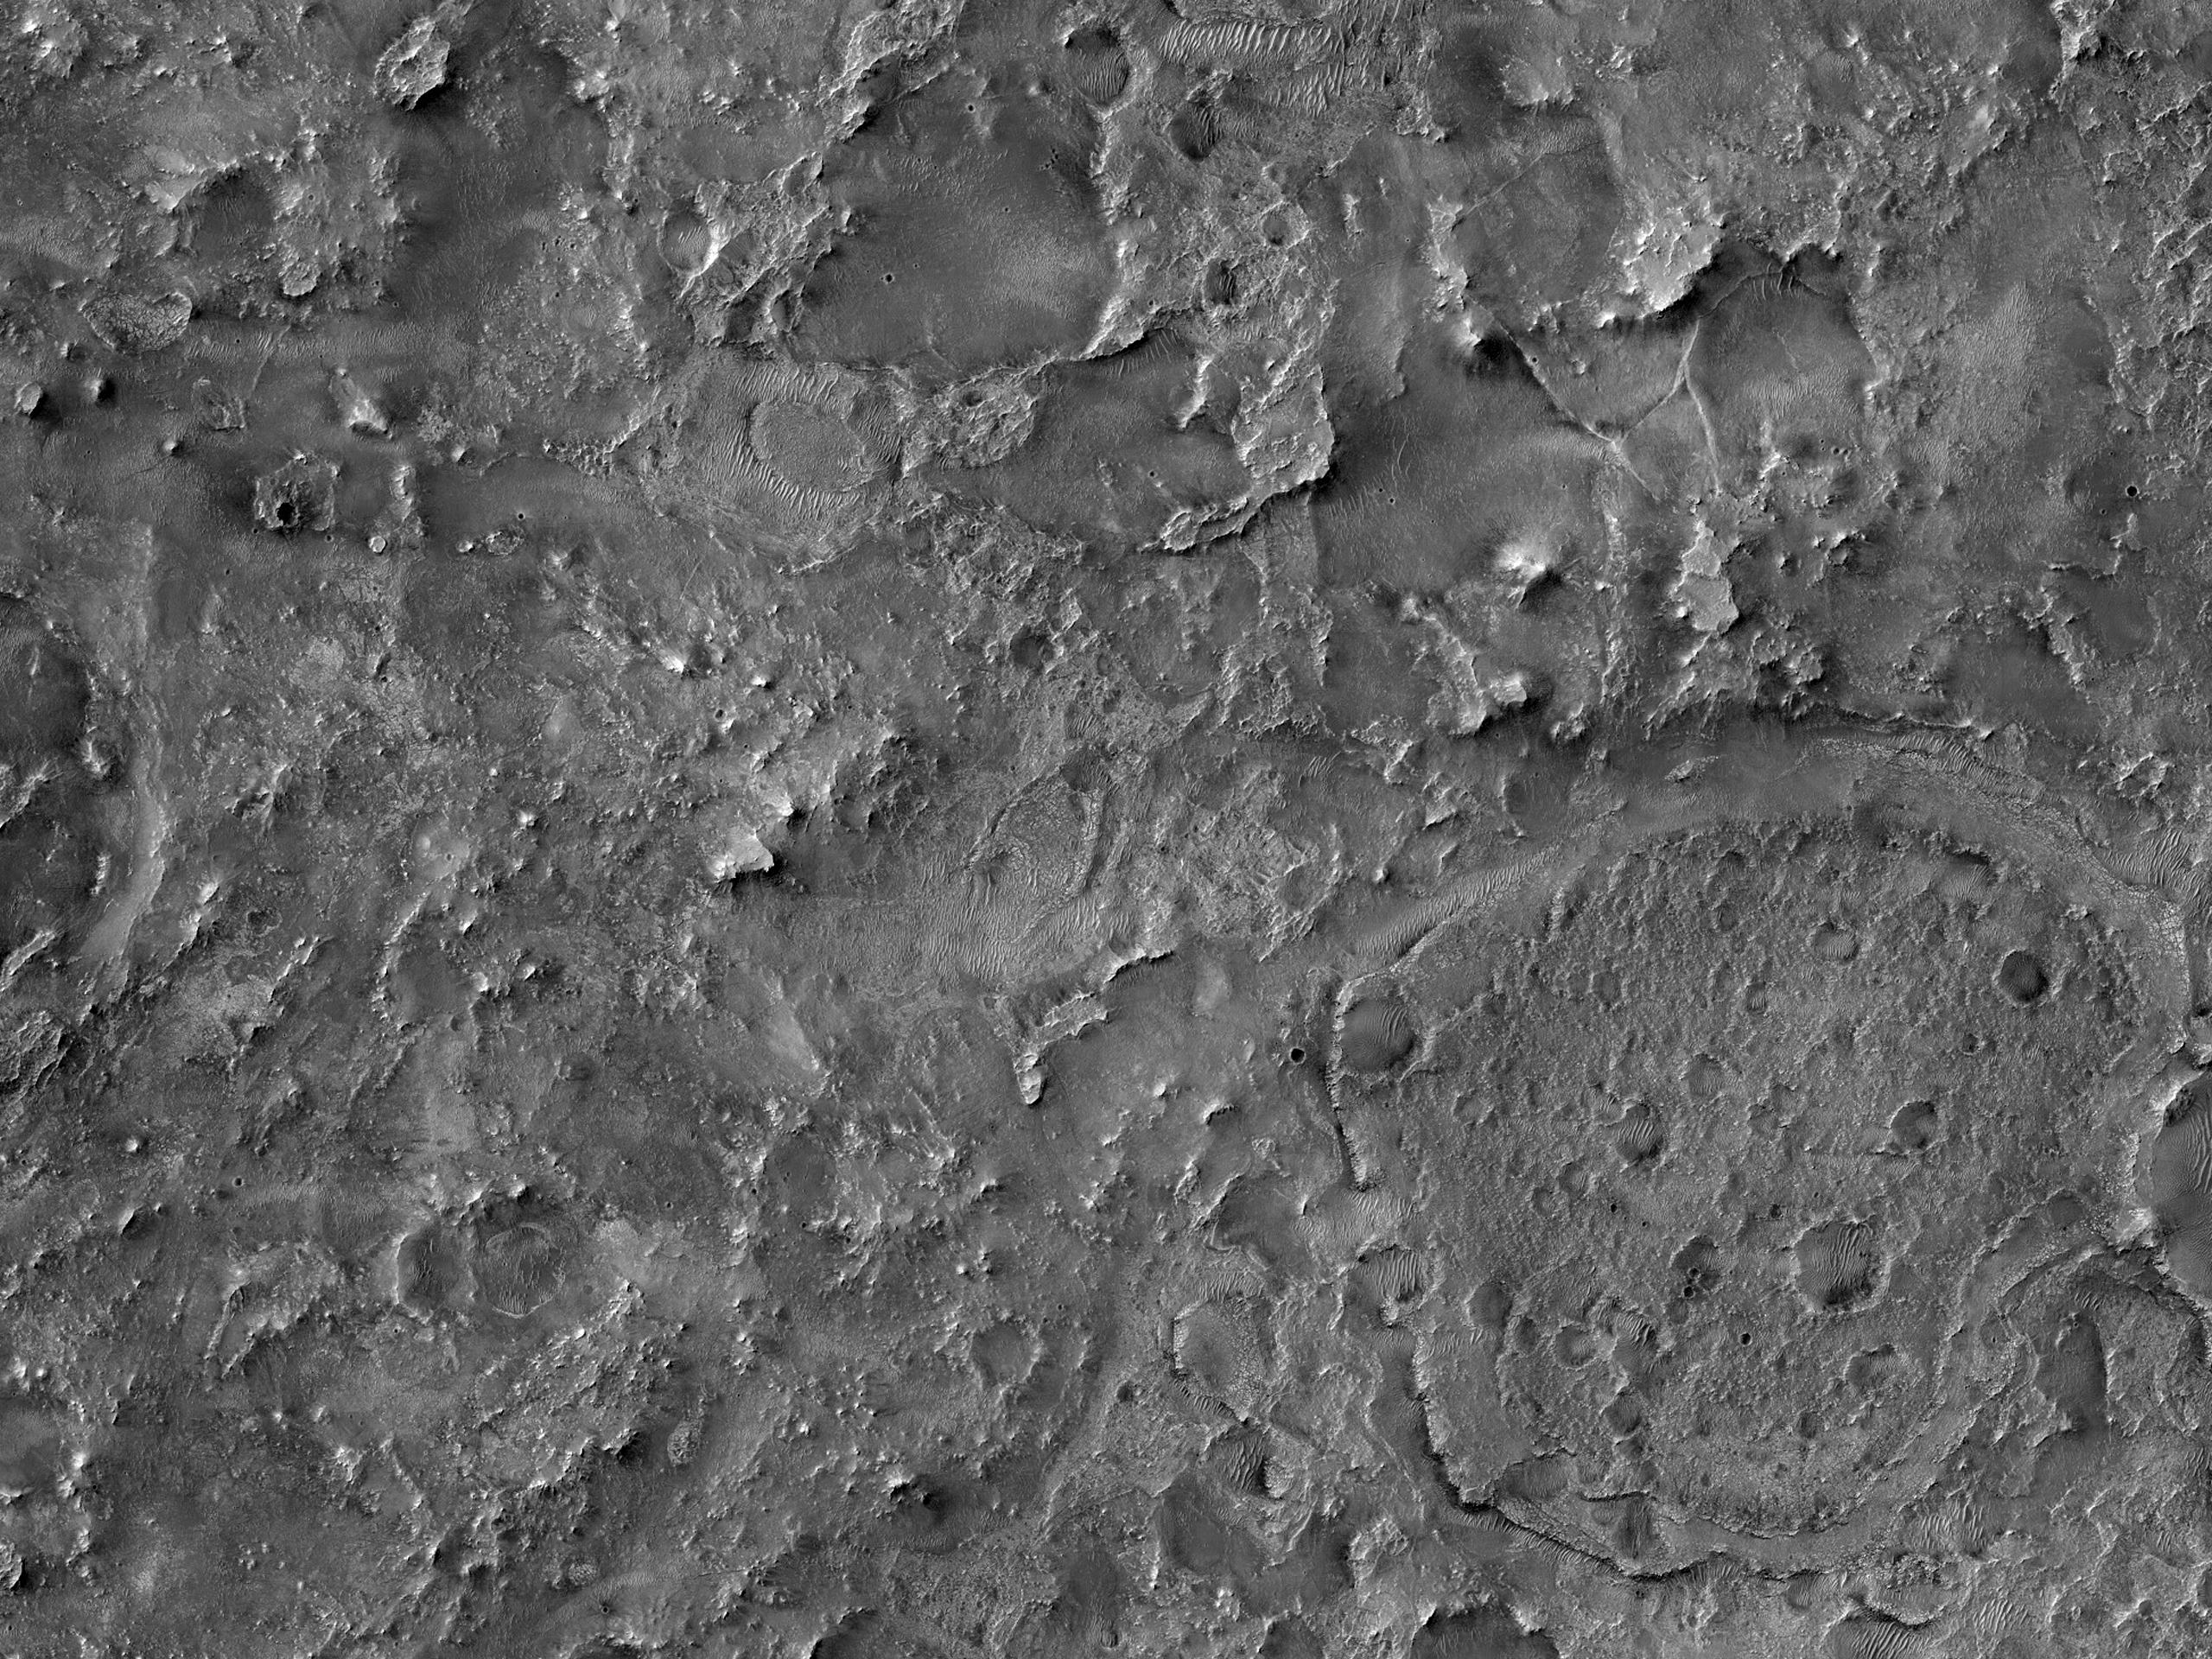 موقع مرشح لهبوط بعثة المريخ 2020 بالقرب من فوهة جيزيرو (Jezero Crater)